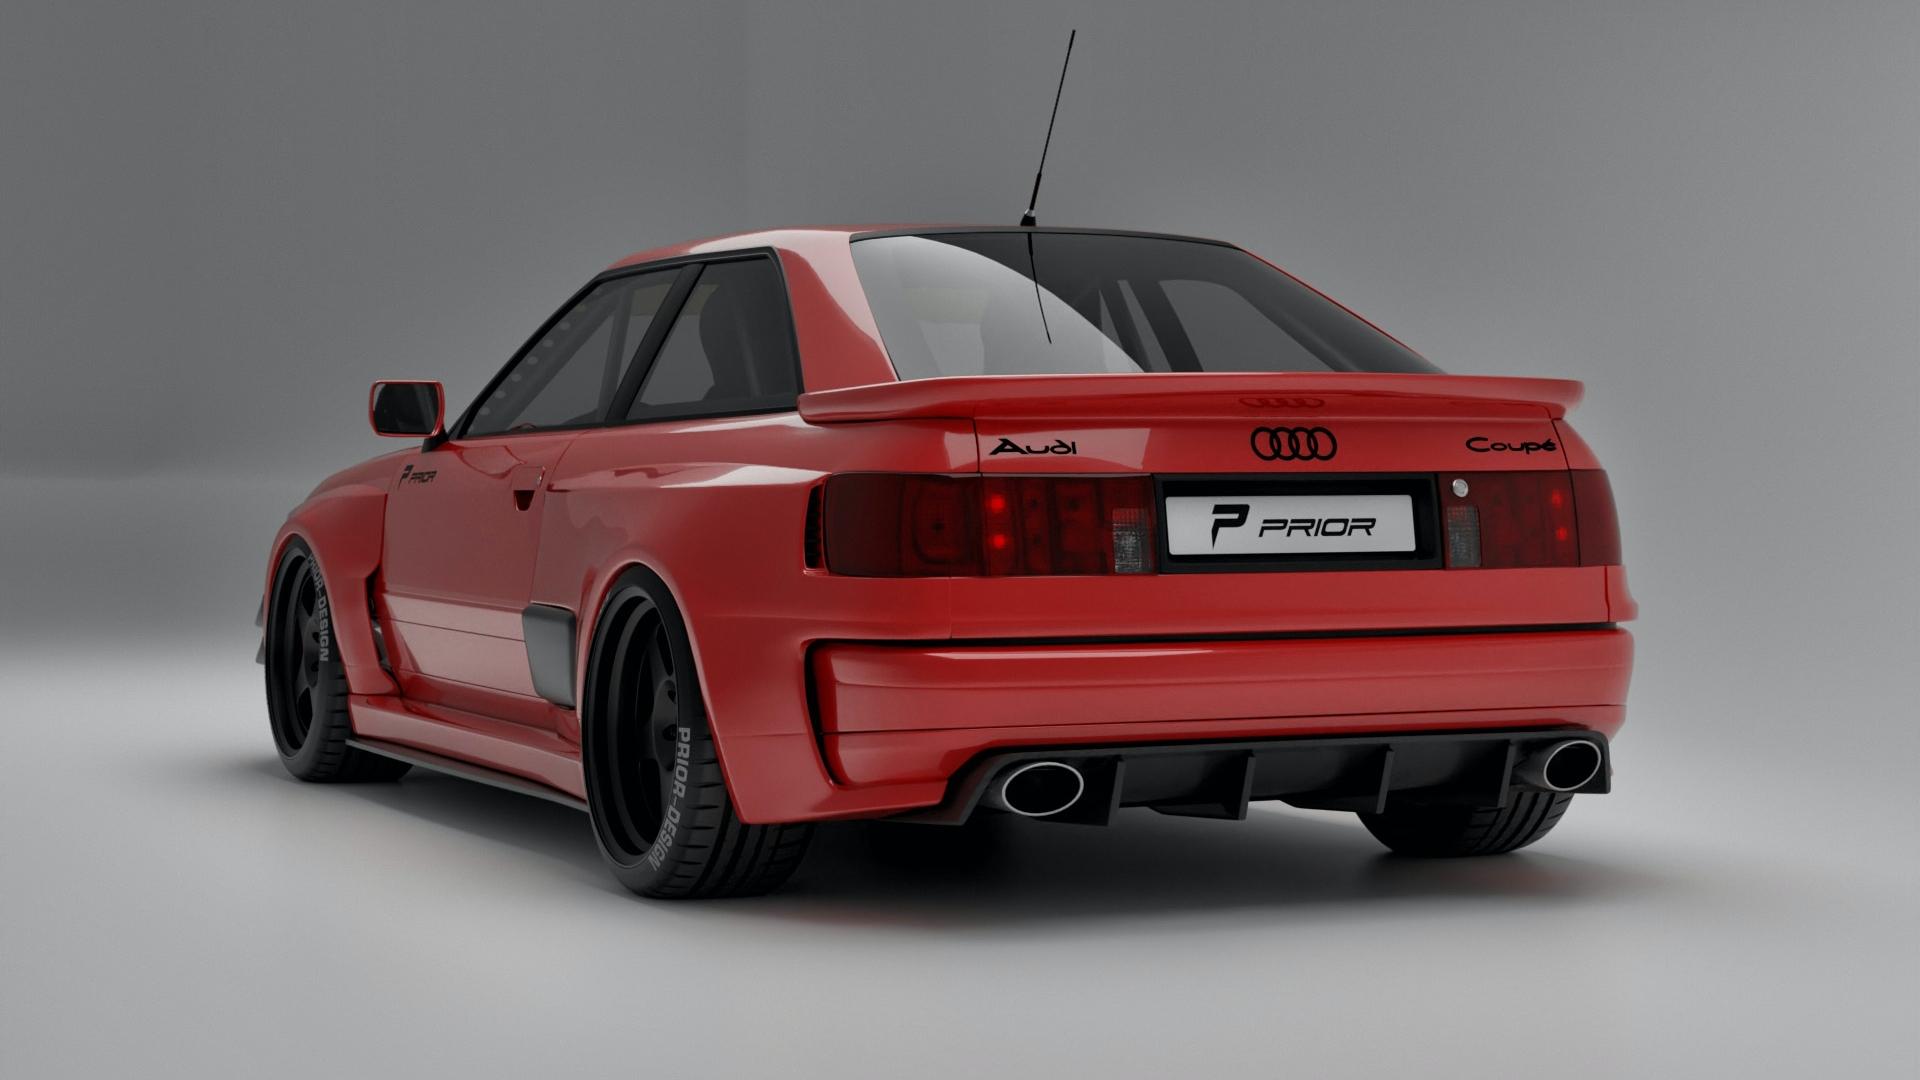 Kelebihan Audi Coupe S2 Top Model Tahun Ini